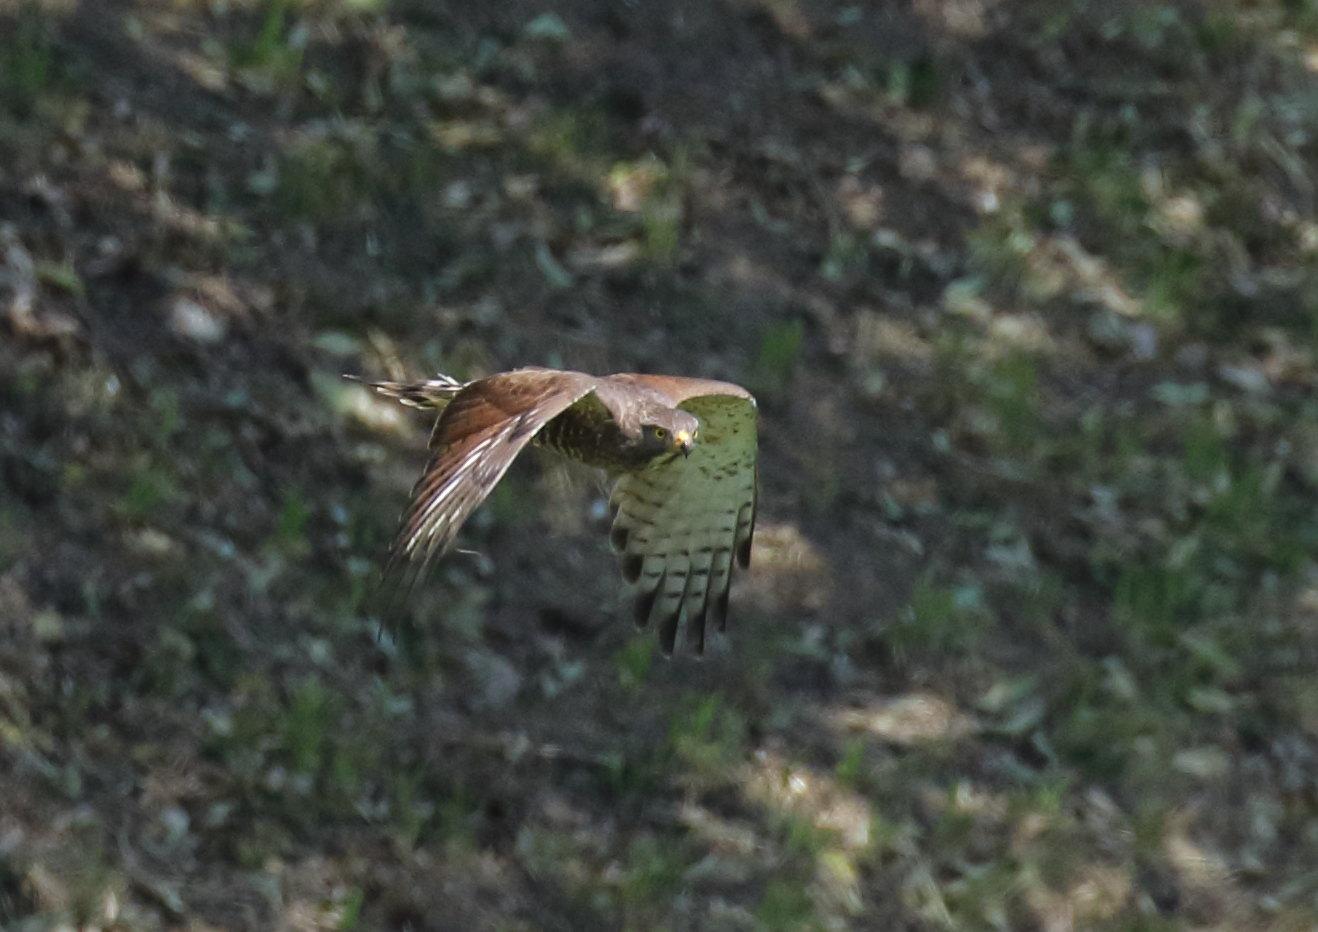 低空飛行獲物を探す  サシバ 2021年/04月 柏市郊外